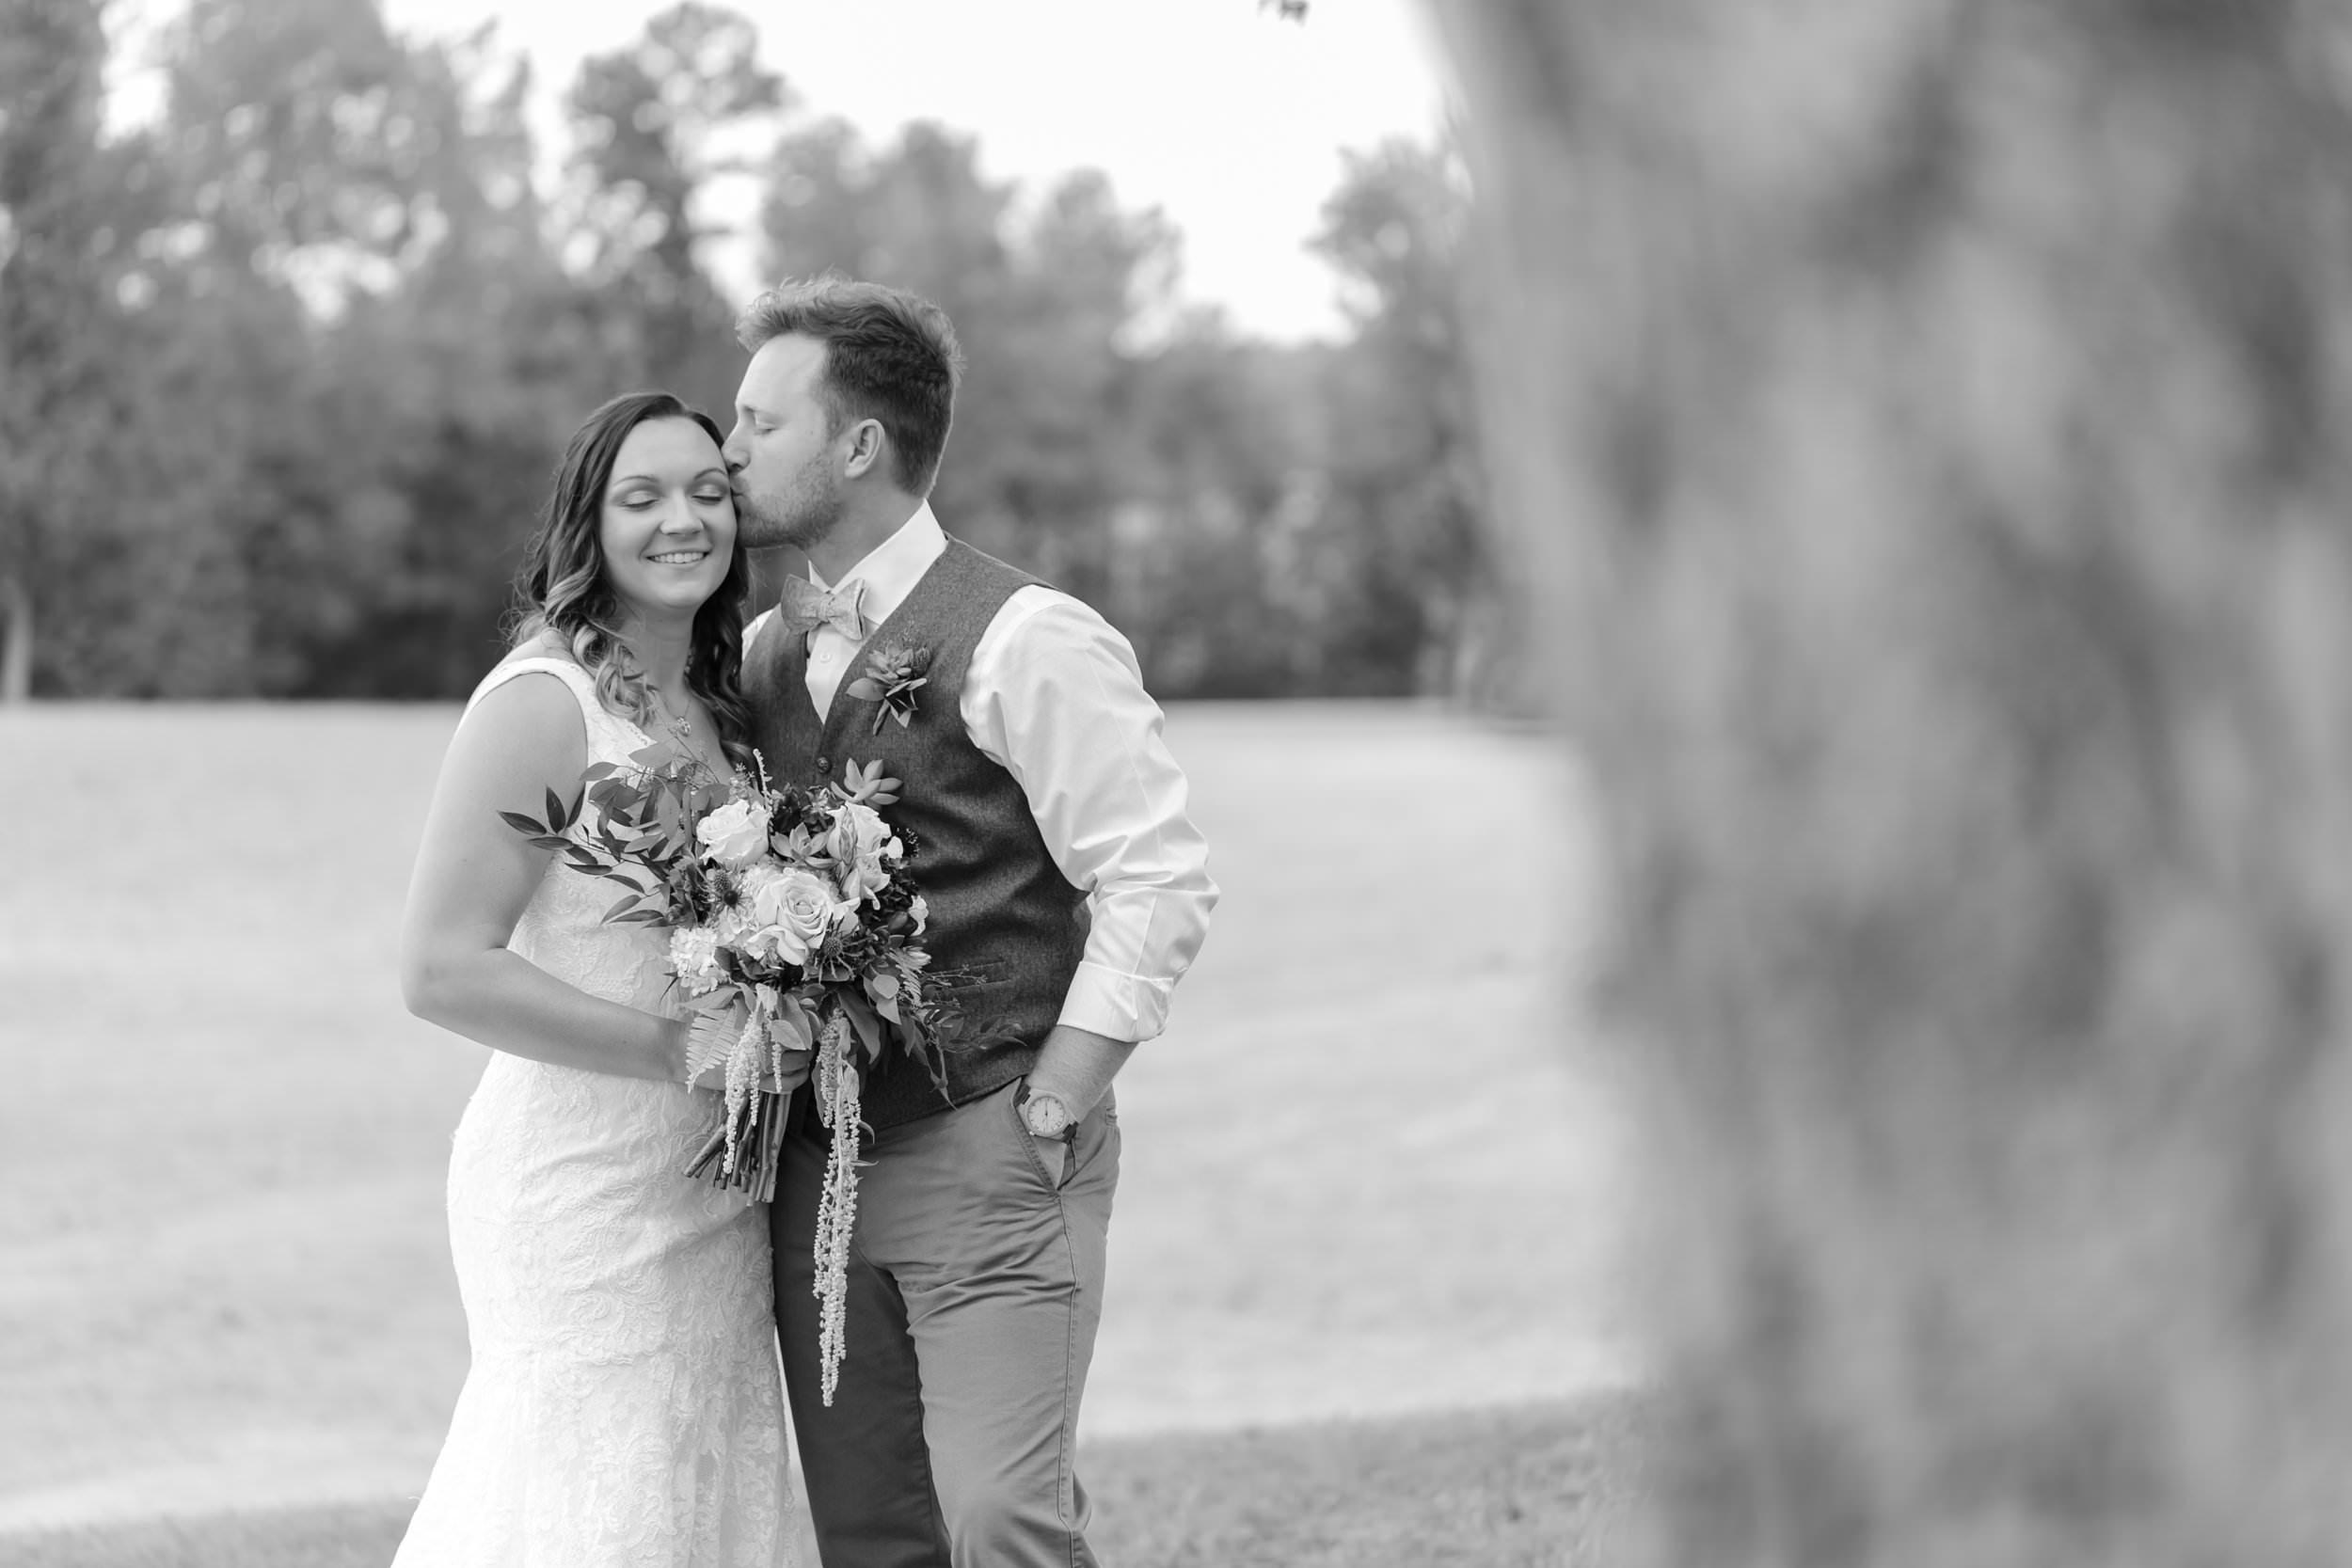 Abby-Manor-Events-Wedding-Photos21.jpg